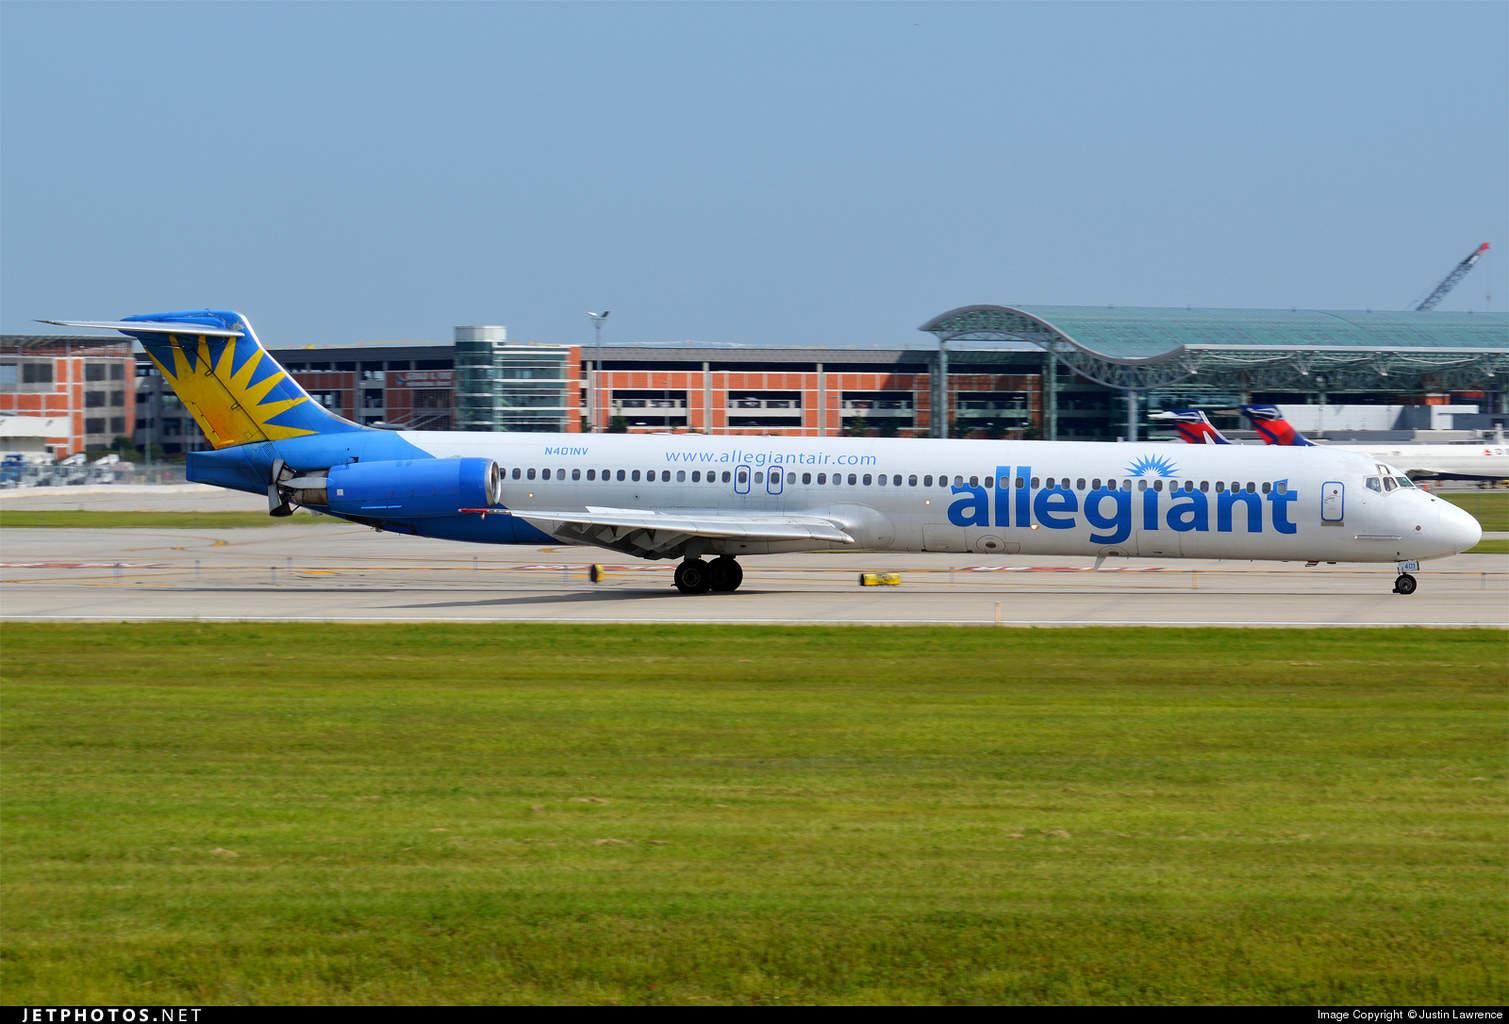 Allegiant flight aborts take-off